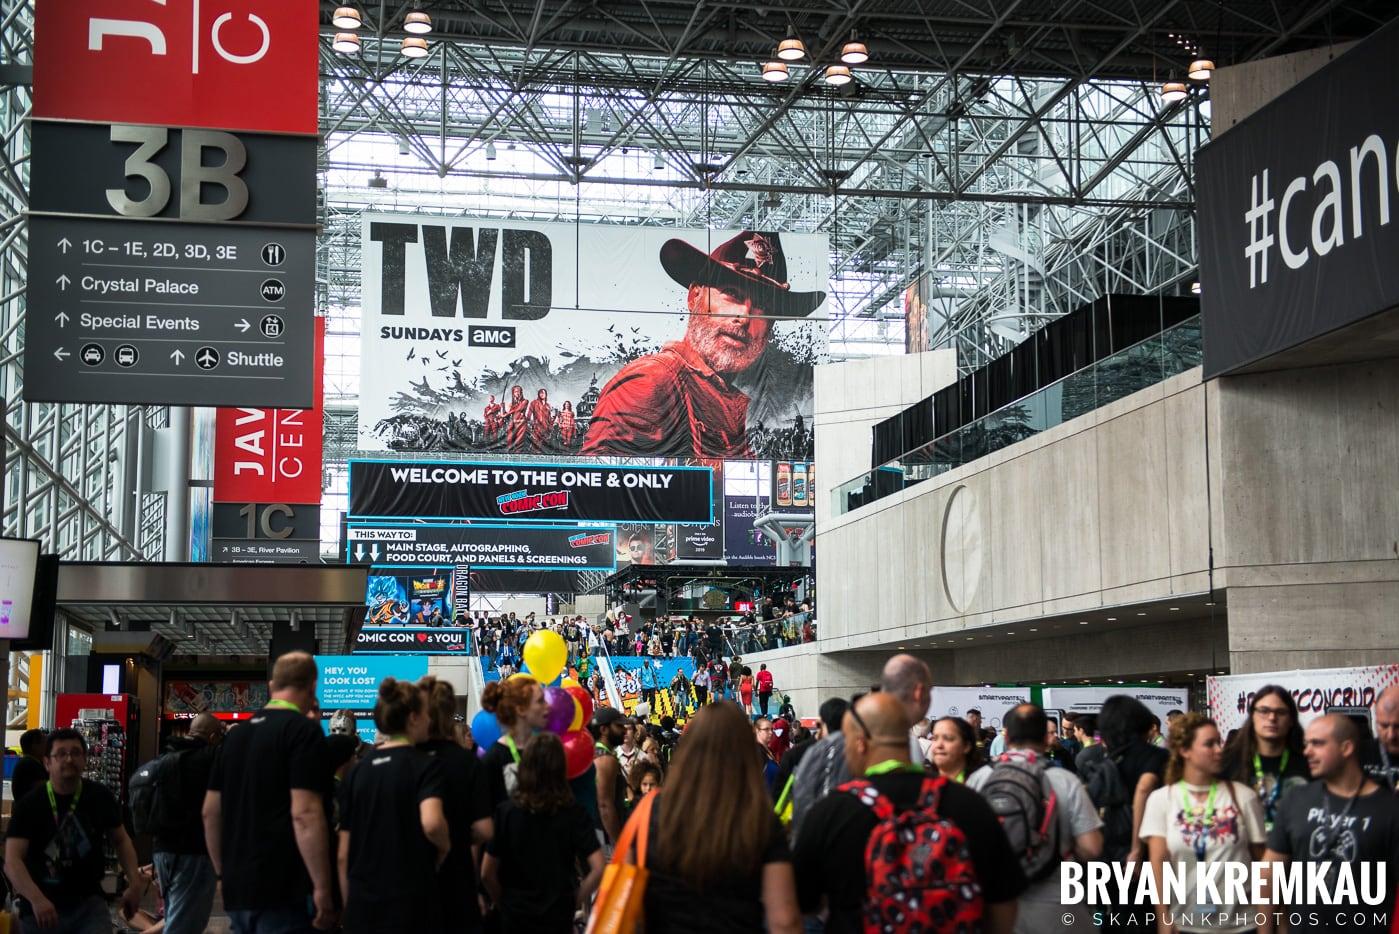 New York Comic Con 2018: Thursday - 10.4.18 (6)